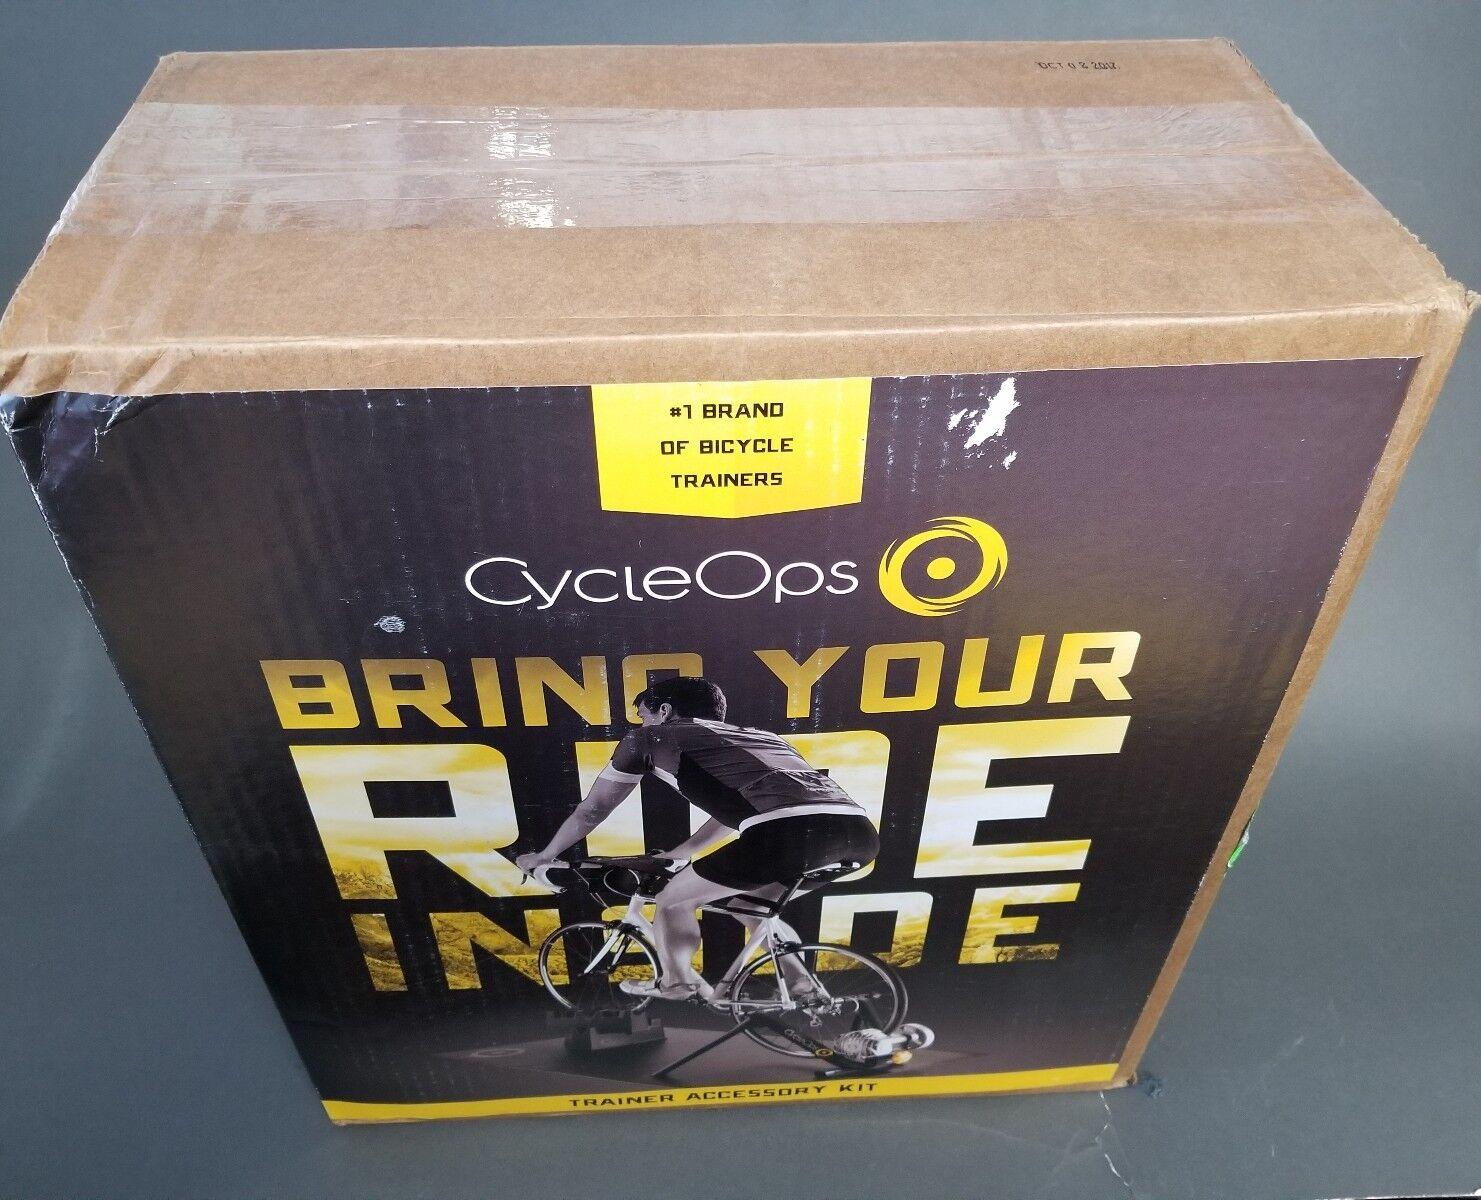 Nouveau Cycleops Trainer Kit d'accessoires 1 MAT 2 escalade Bloque 1 Sweat Guard 1 pneu